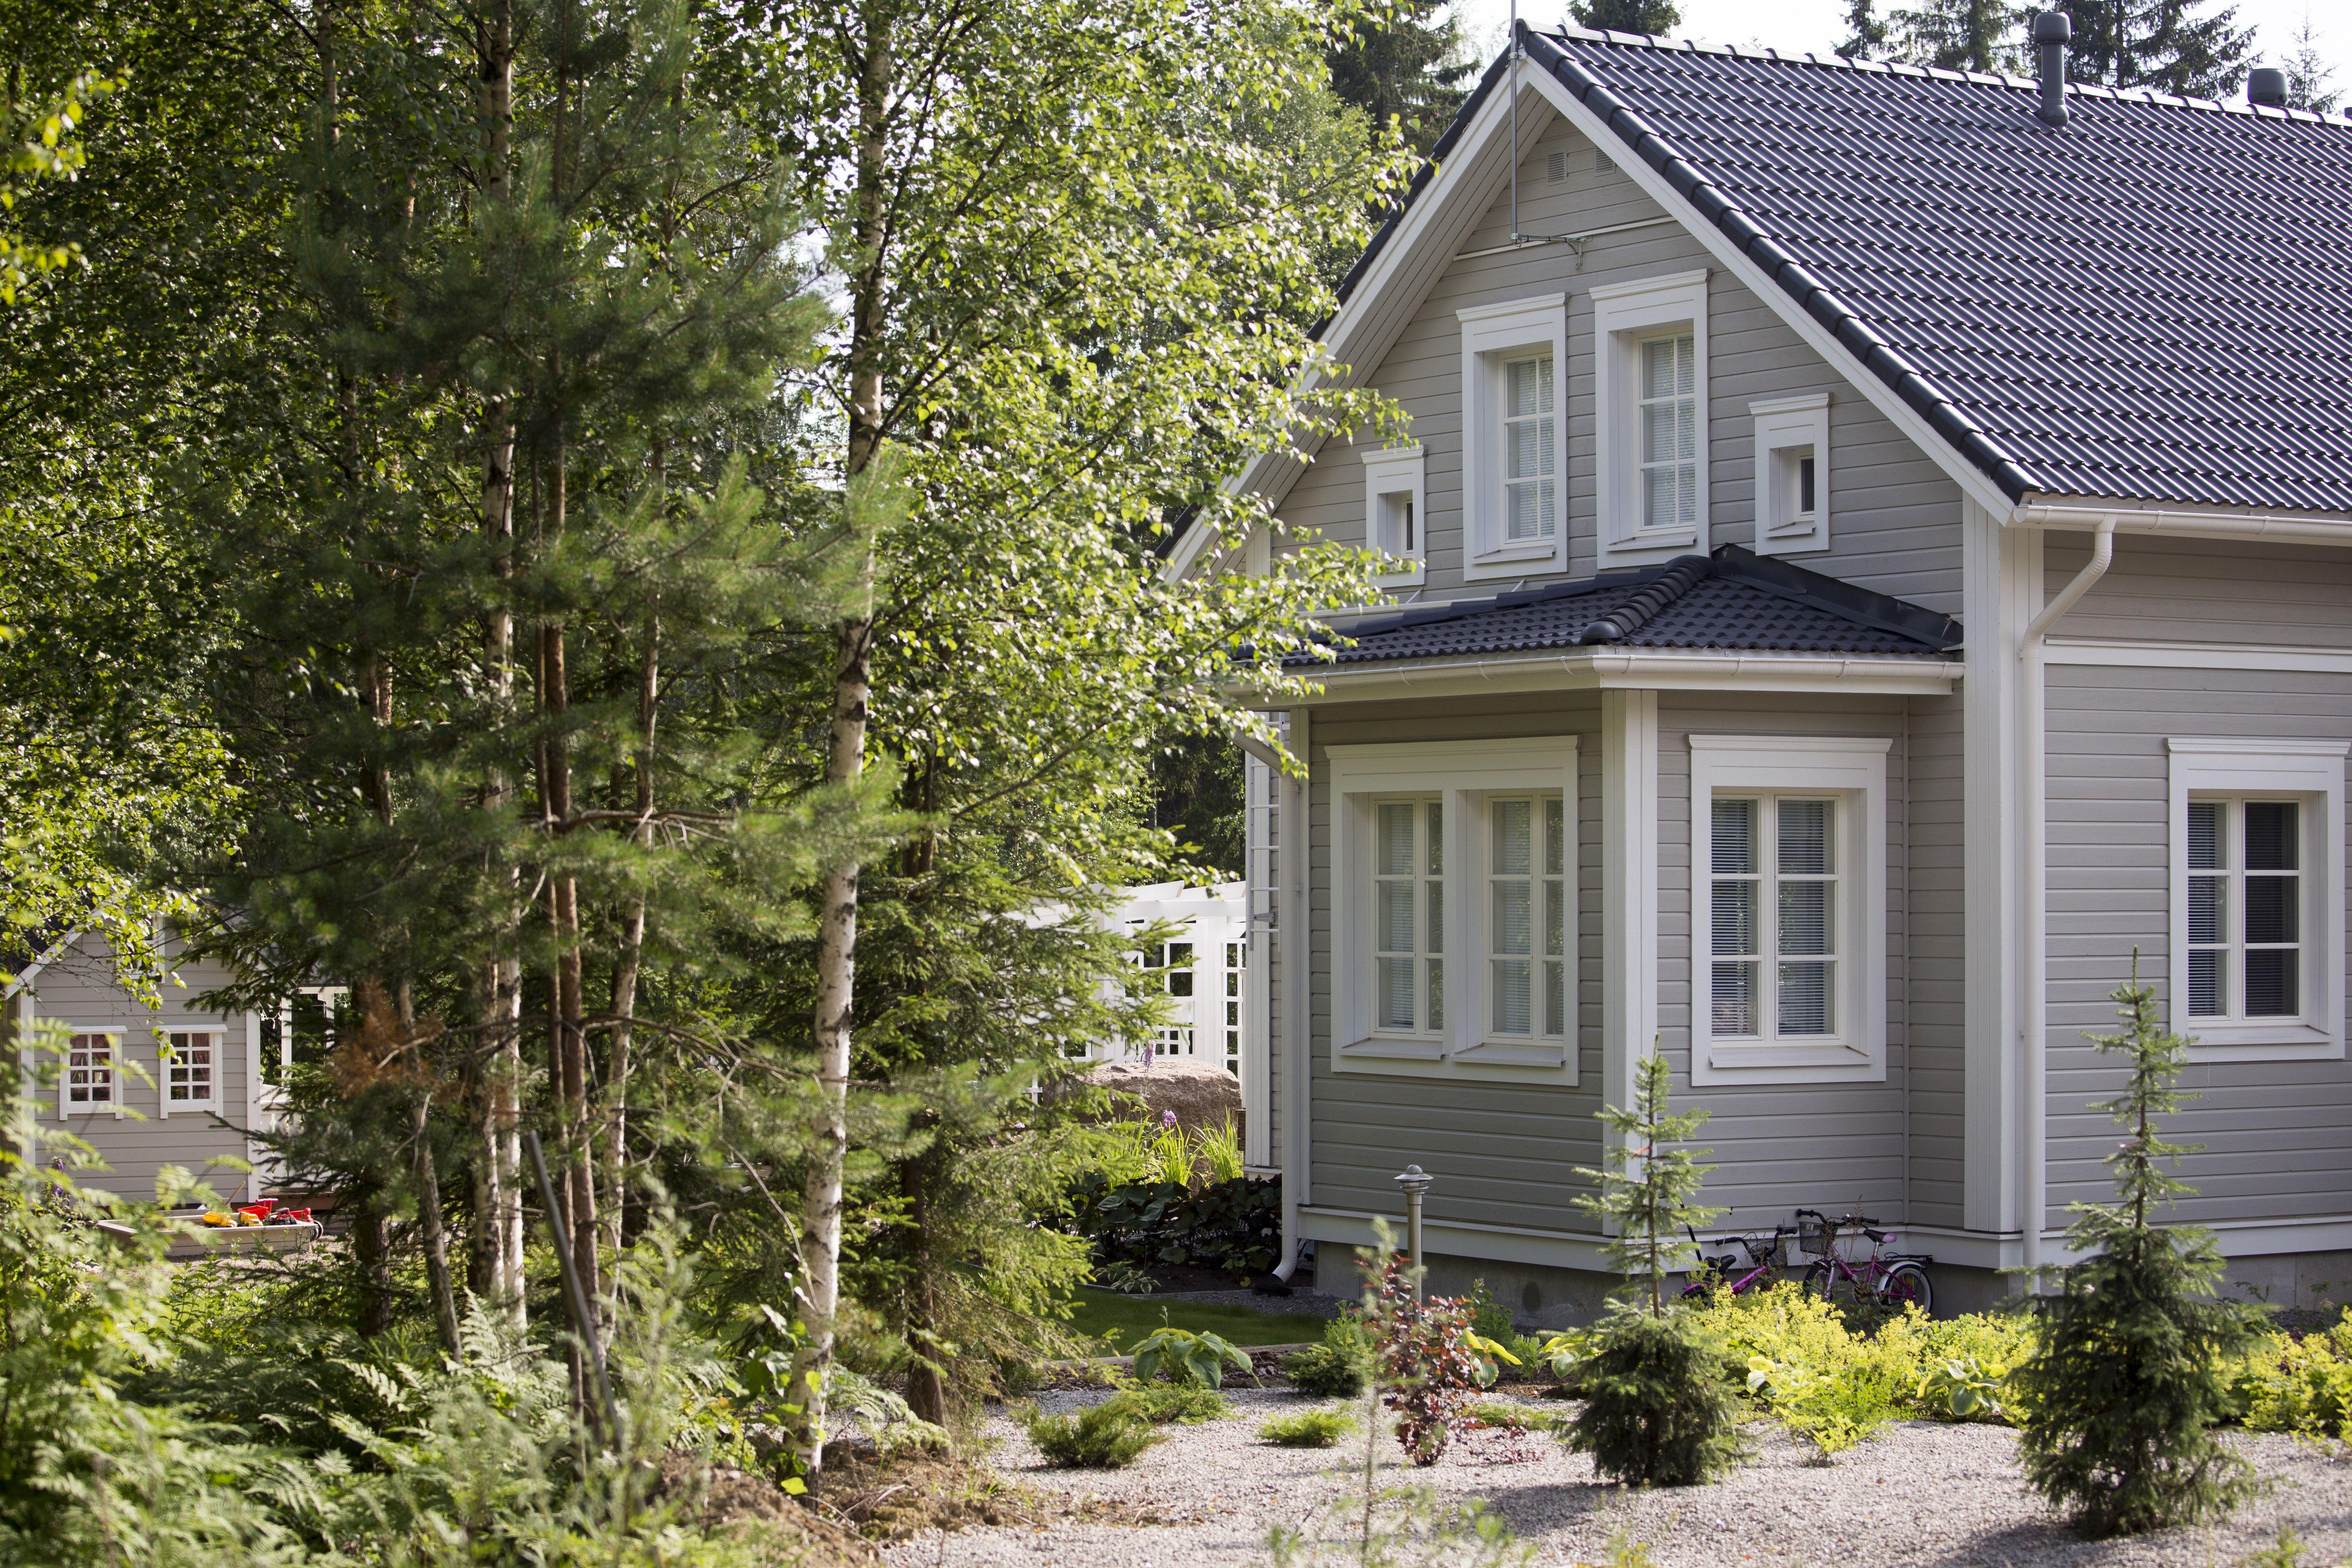 Kannustalo Rauhala 162 pihapiireineen, eripuraset.blogspot.fi